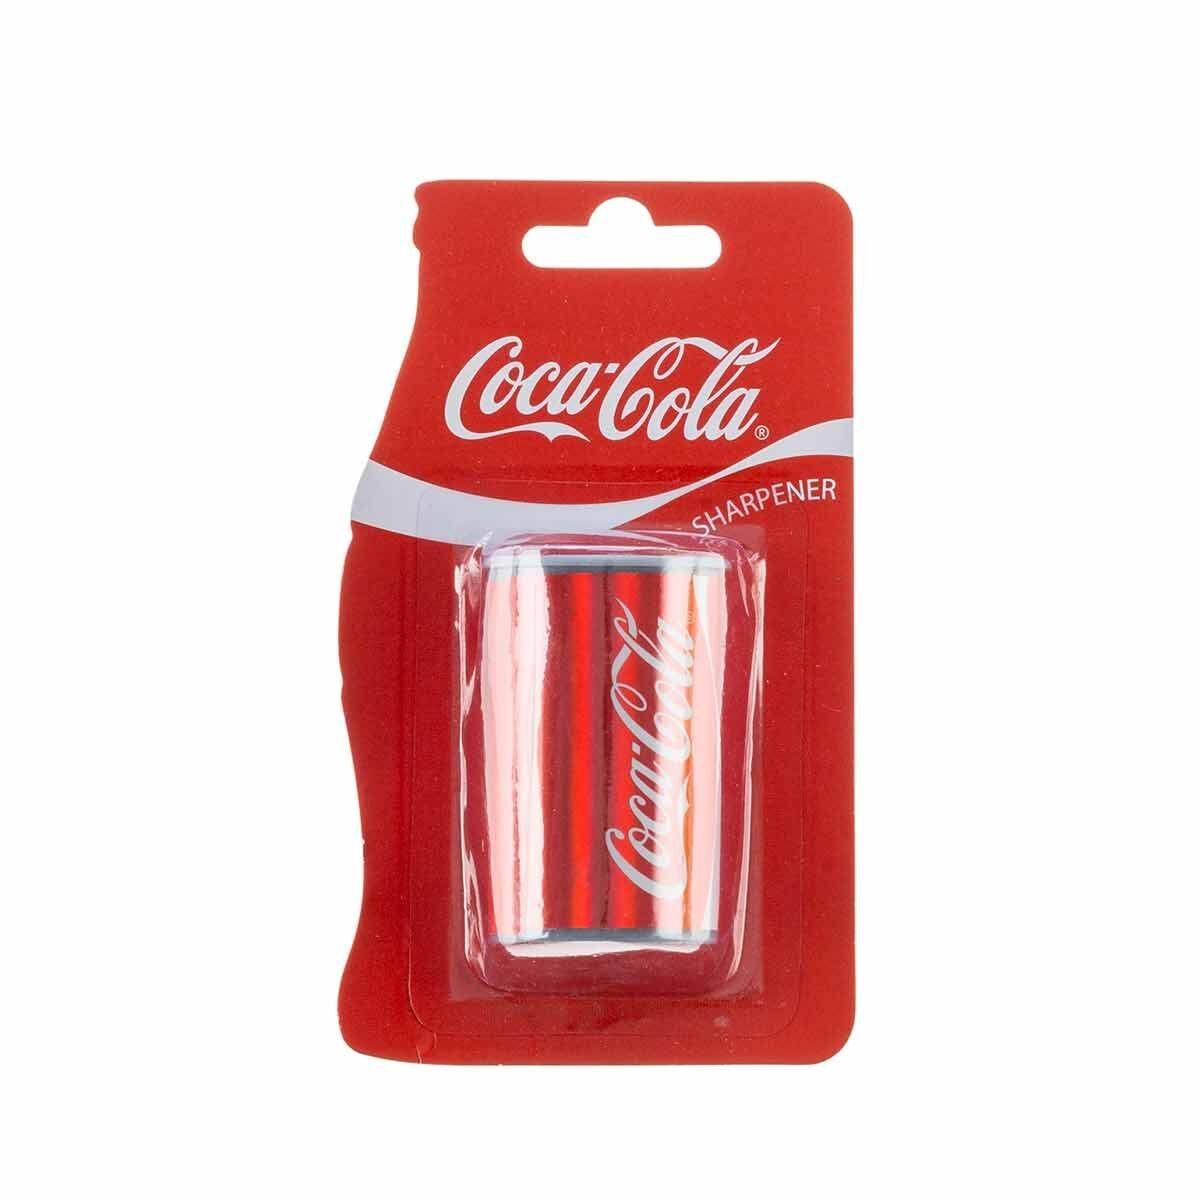 Coke Sharpener